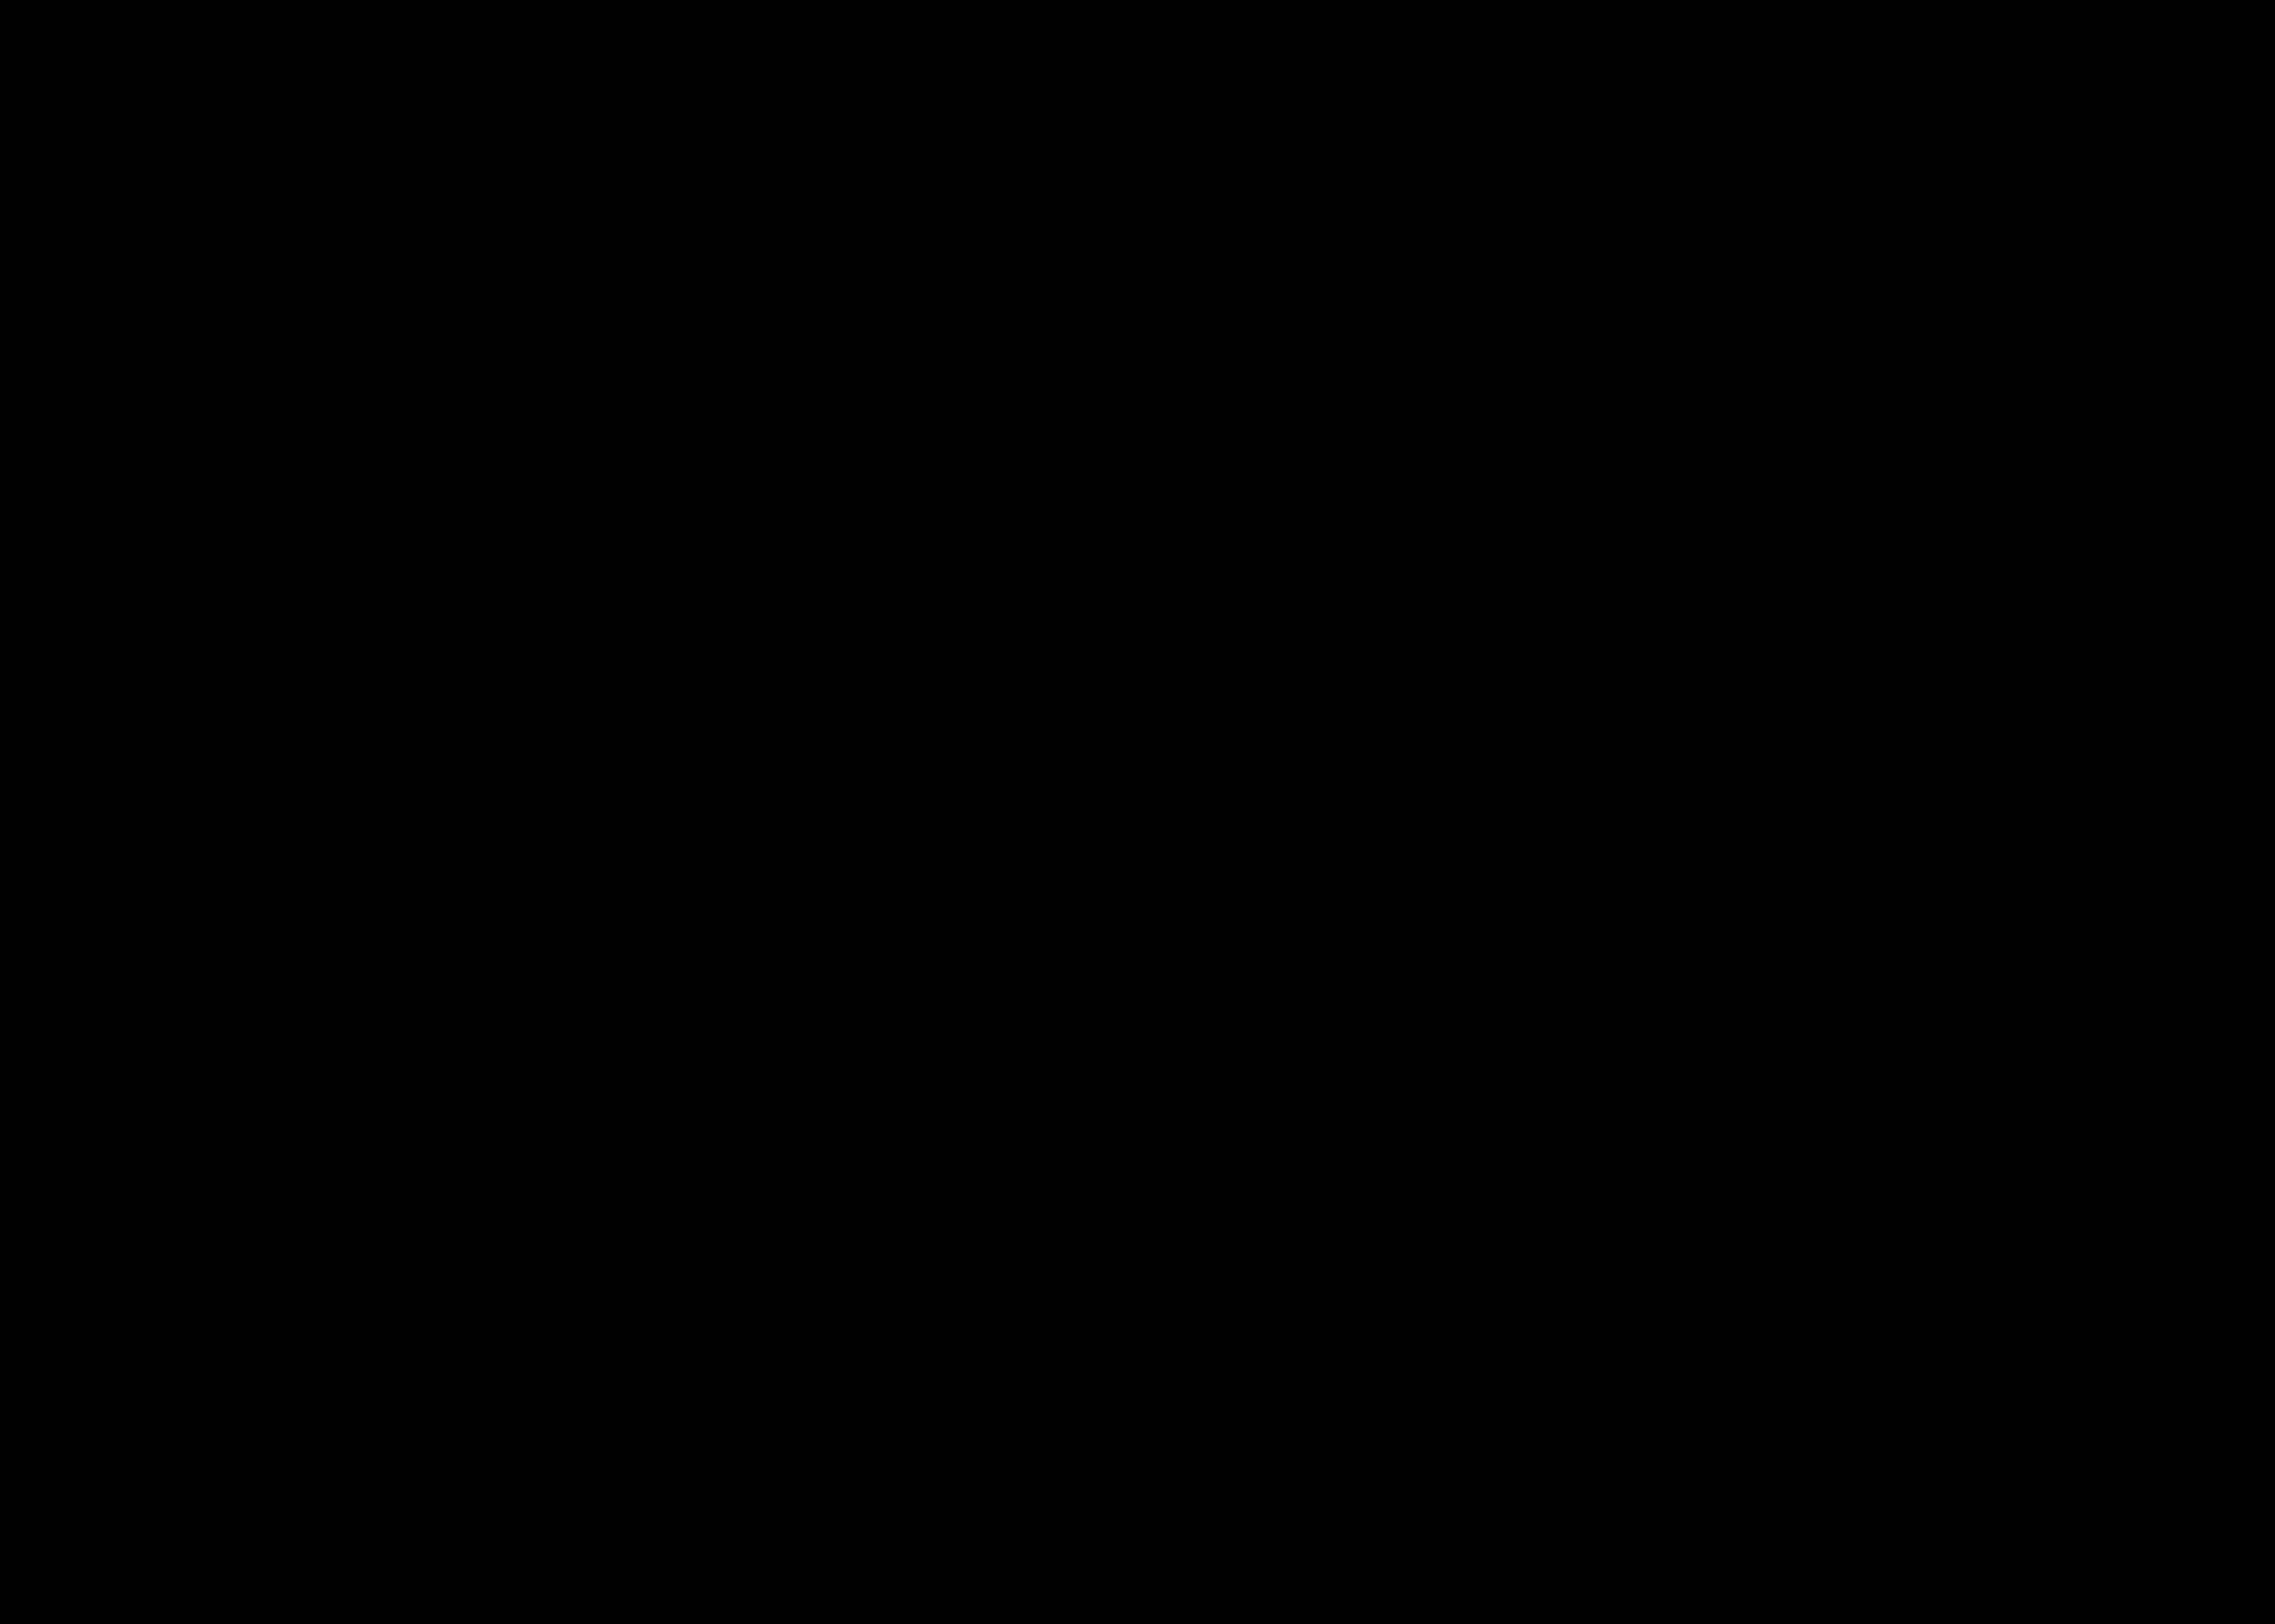 hlg_2935